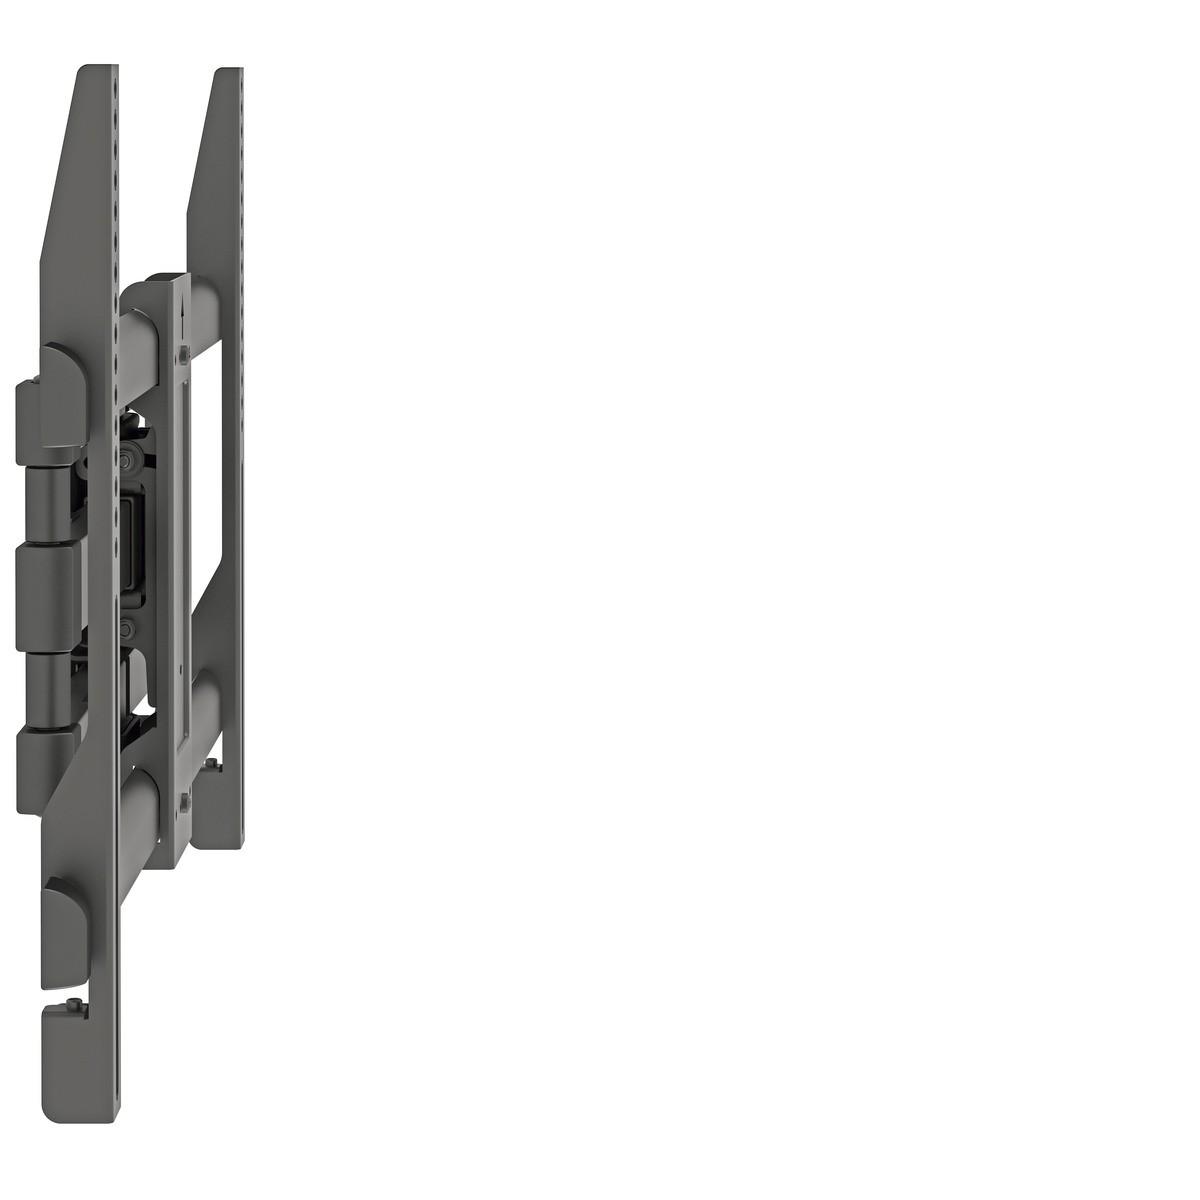 MI 6BA Suporte TRI-articulado estrutura em aluminio ate 70 pol Cor: Preto